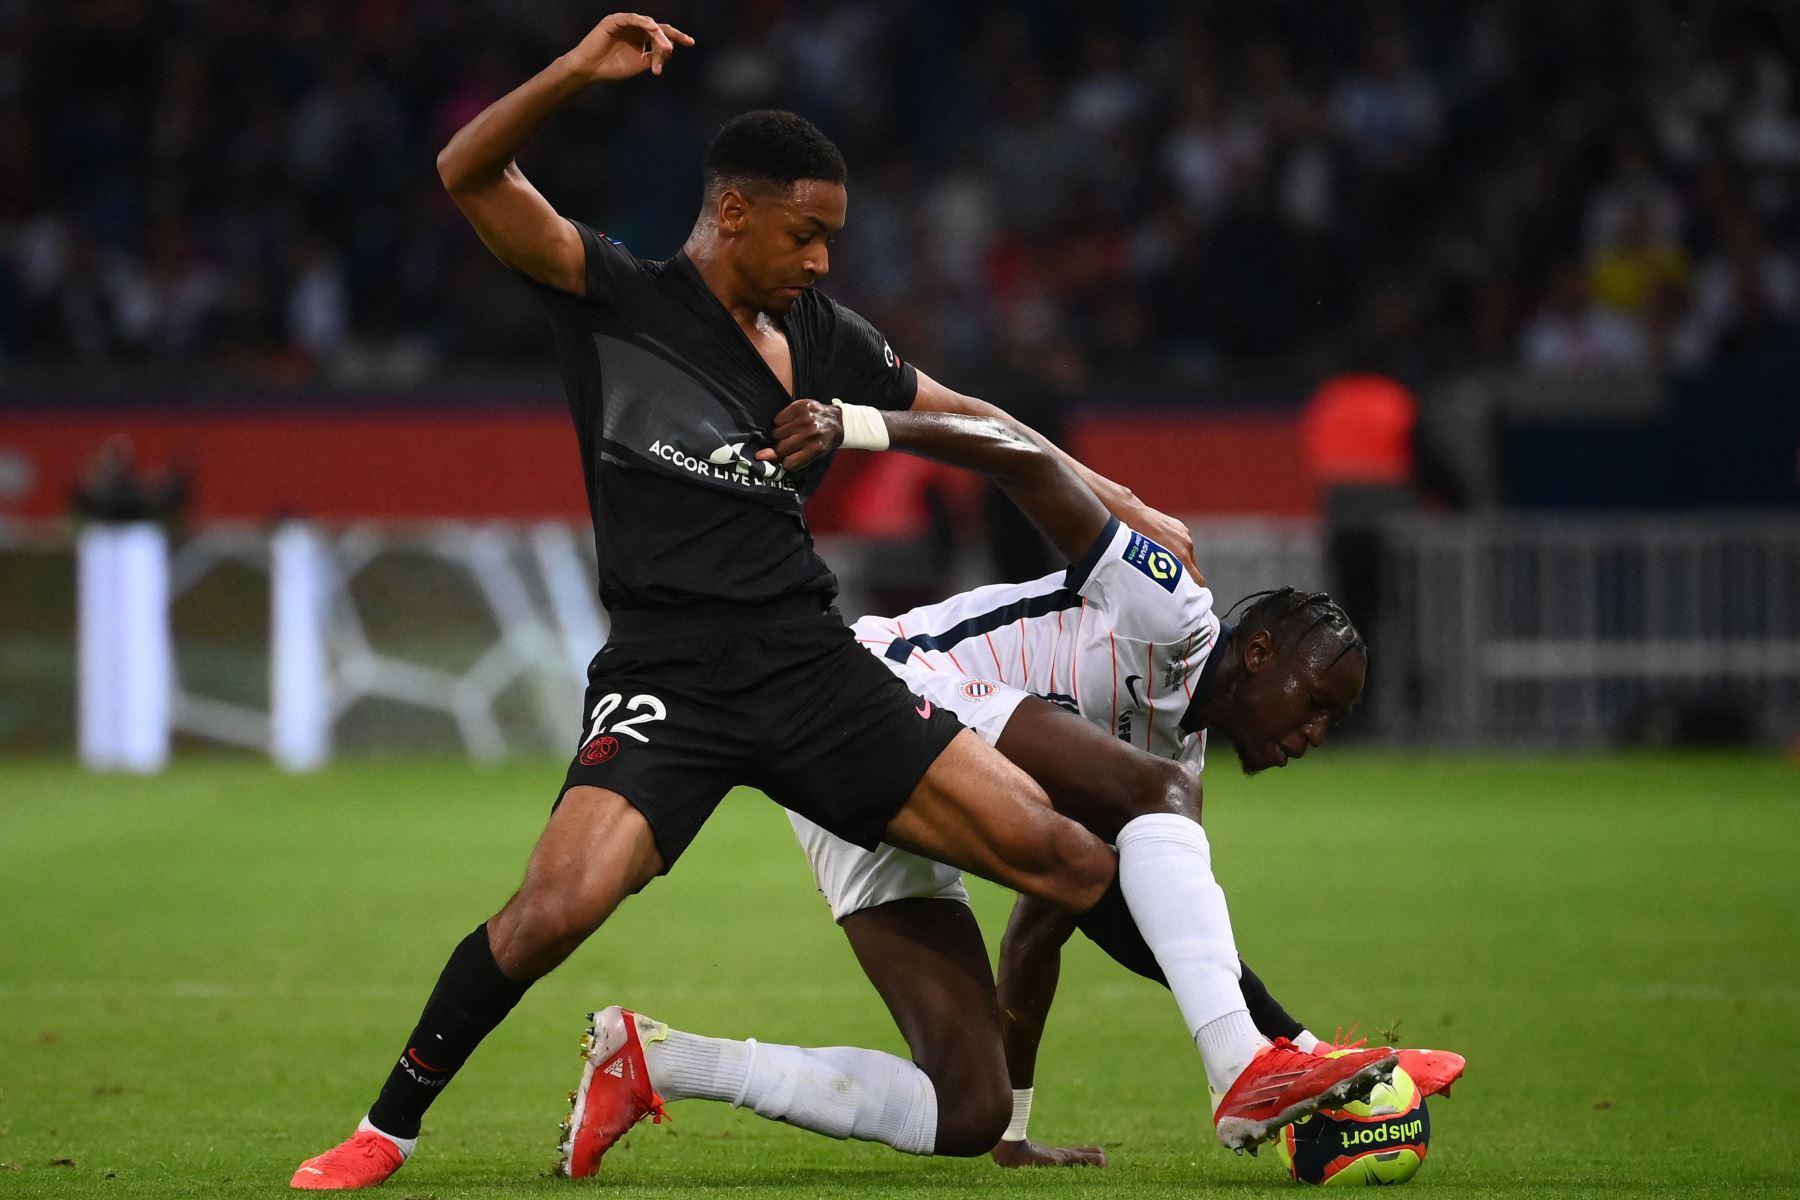 El defensor francés del Paris Saint-Germain Abdou Diallo y el centrocampista francés de Montpellier Junior Sambia (R) luchan por el balón durante el partido de fútbol francés L1 entre el Paris Saint-Germain (PSG) y Montpellier (MHSC). Foto: AFP